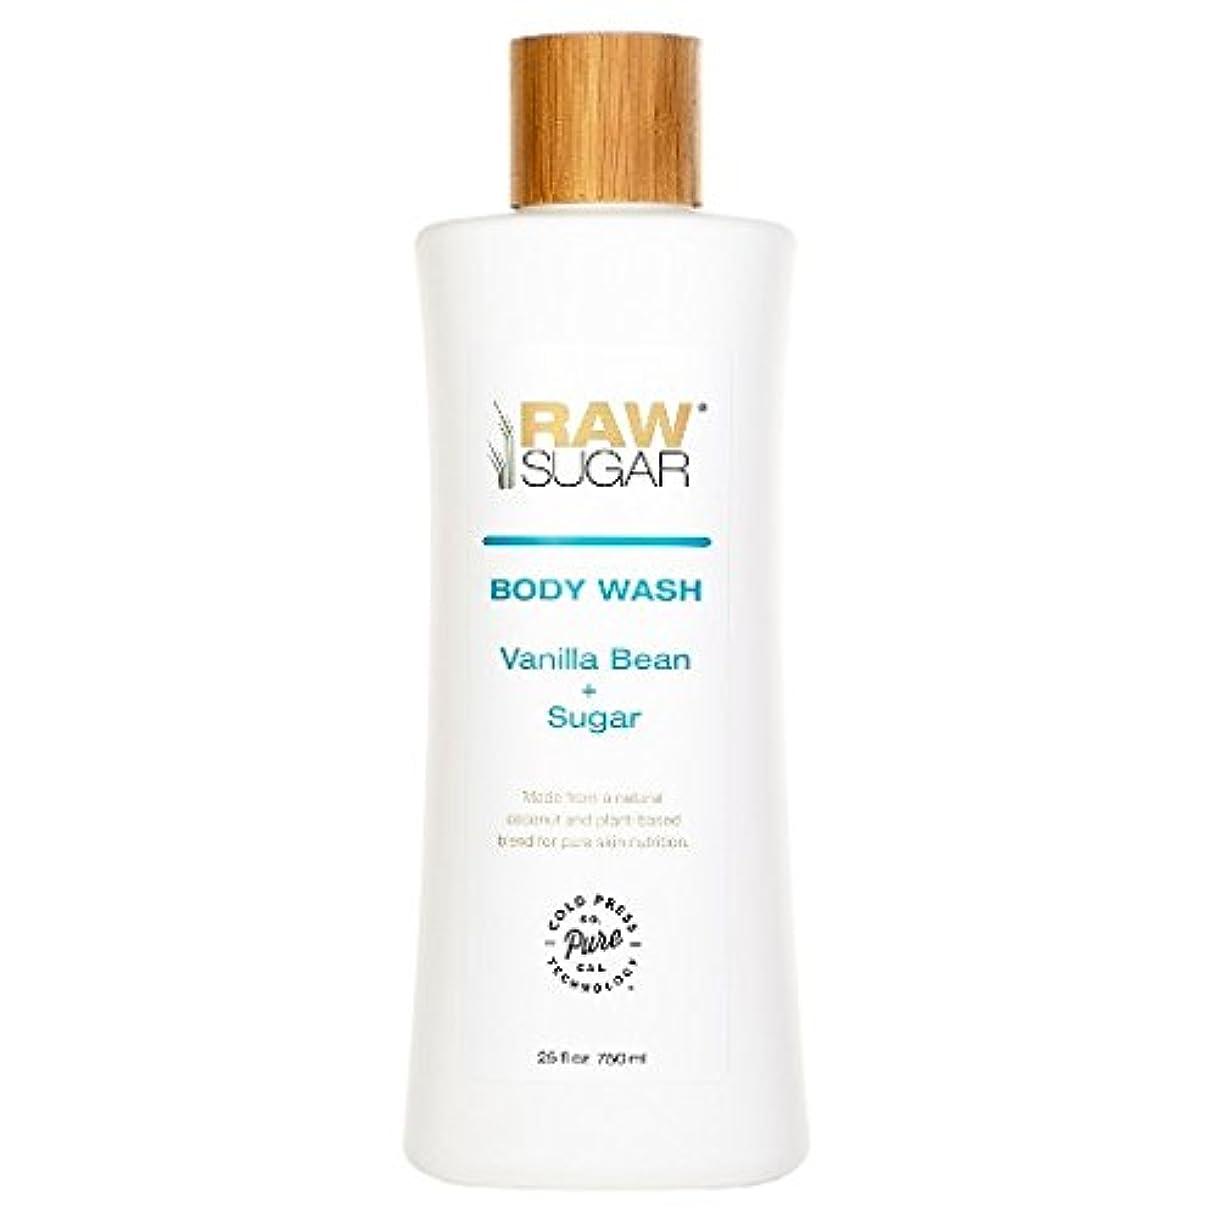 シール豊かにするぐったりRAWTM Sugar Awash in Expectation Vanilla Bean+Sugar Body Wash - 25 oz by raw